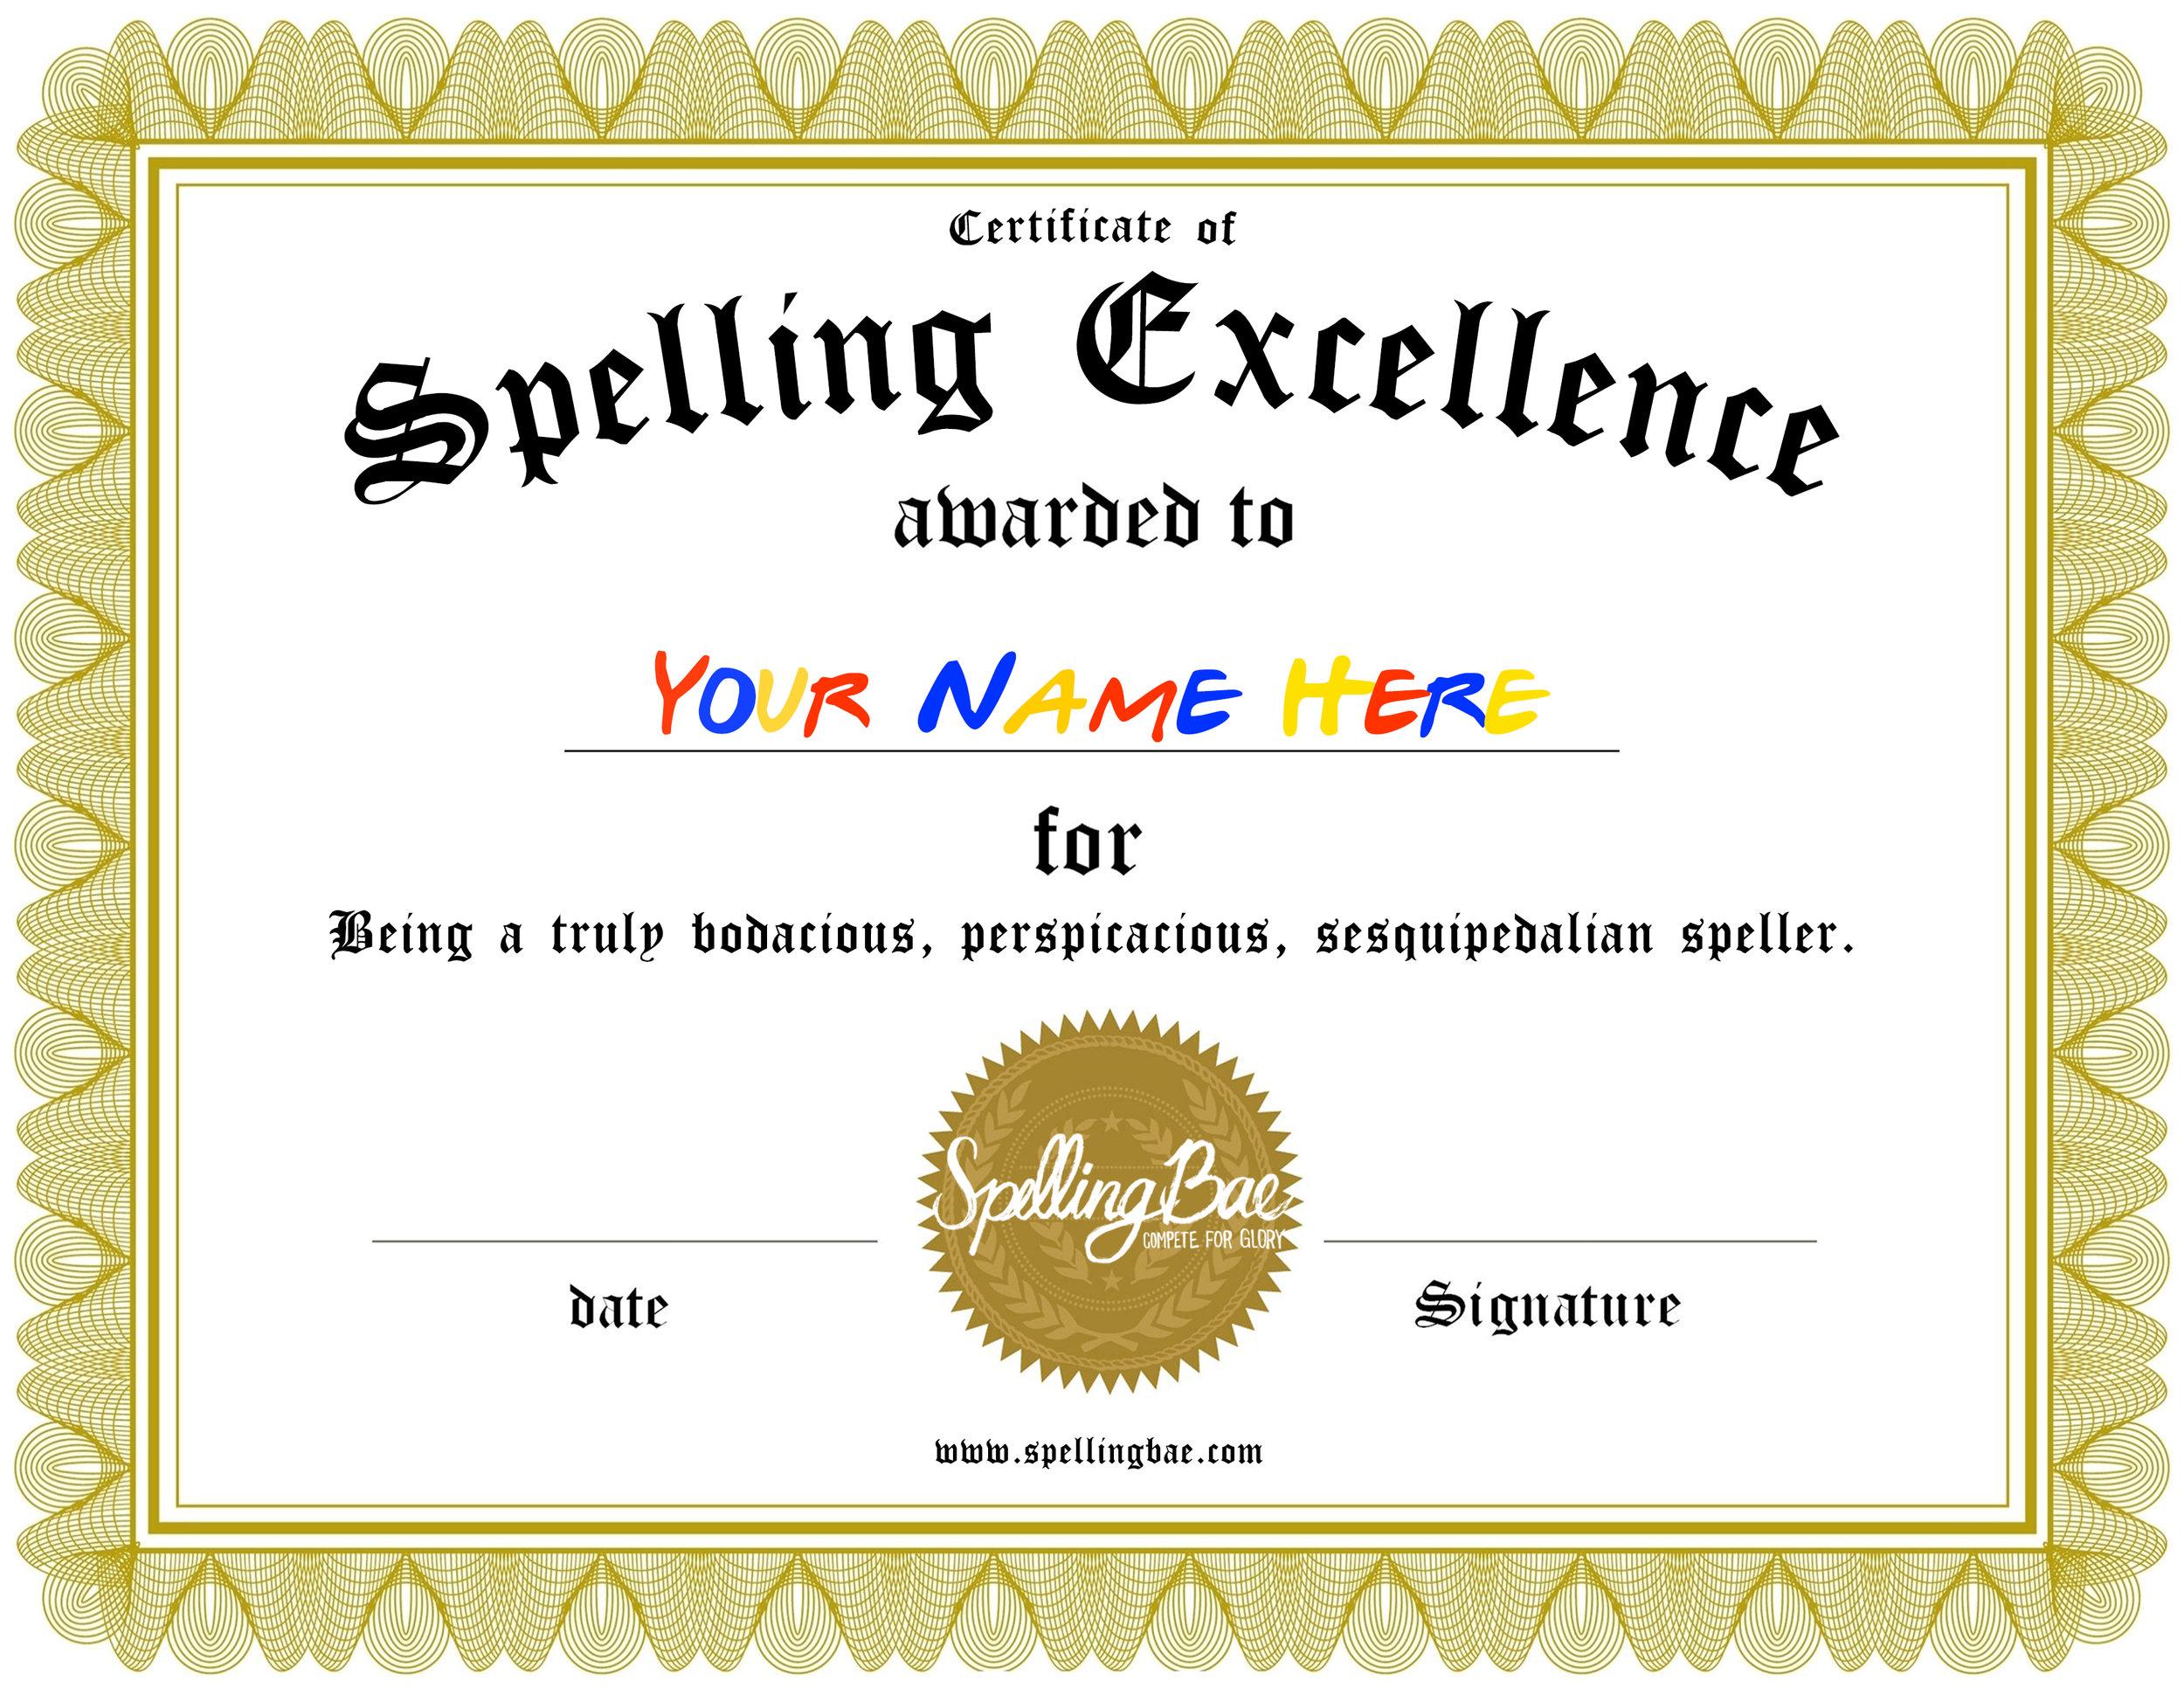 SpellingBaeCertificateAwardYourNameHere.jpg